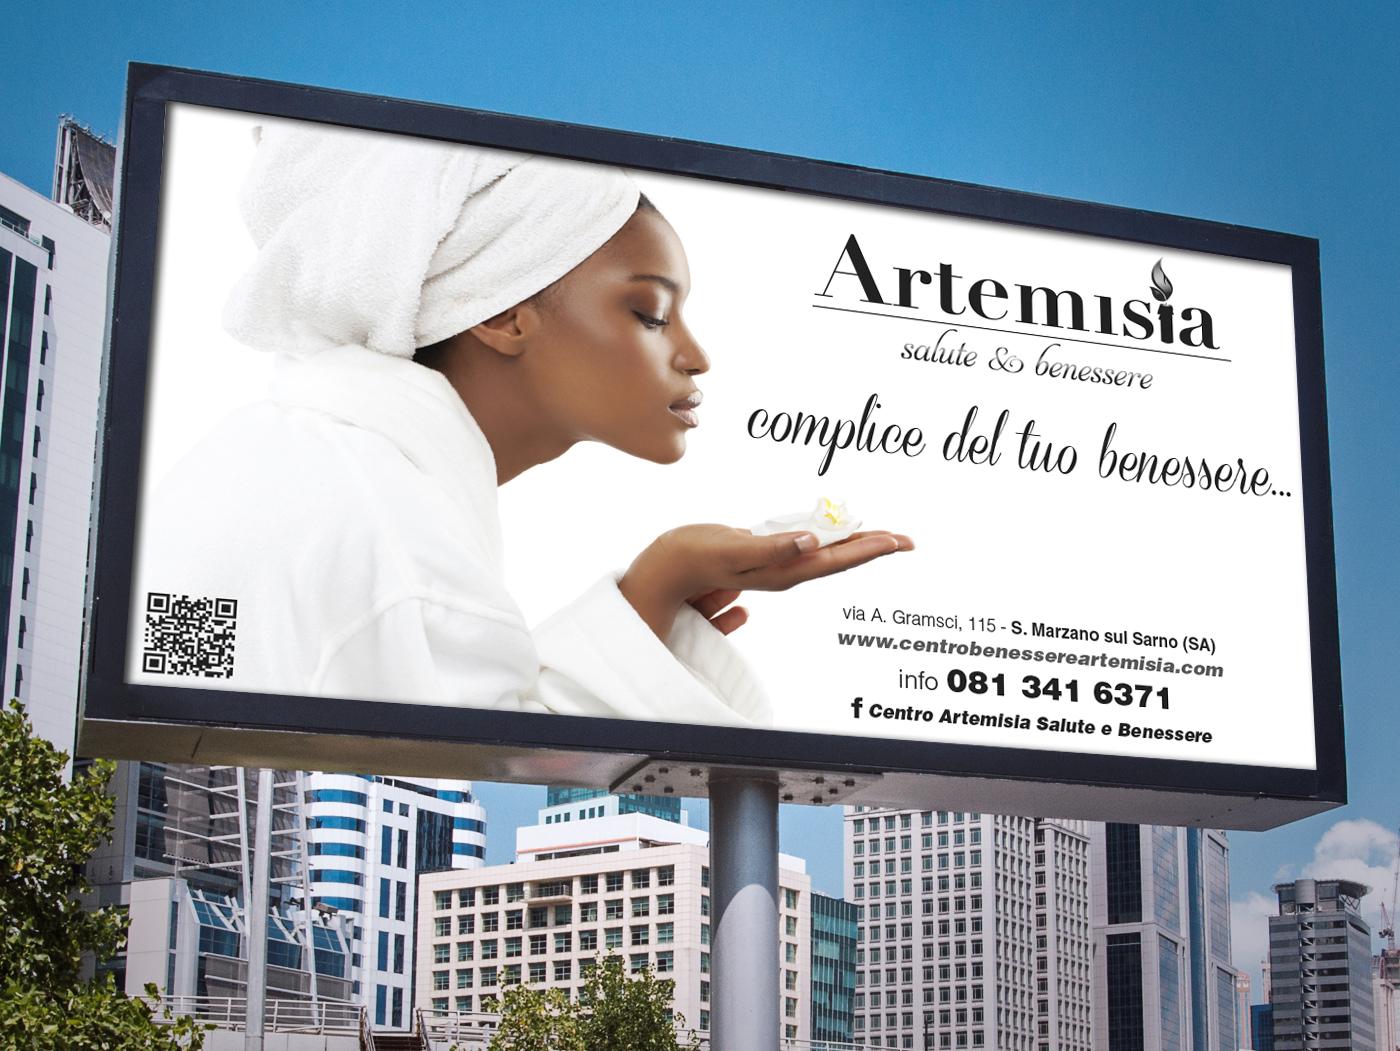 Cartellonistica Artemisia